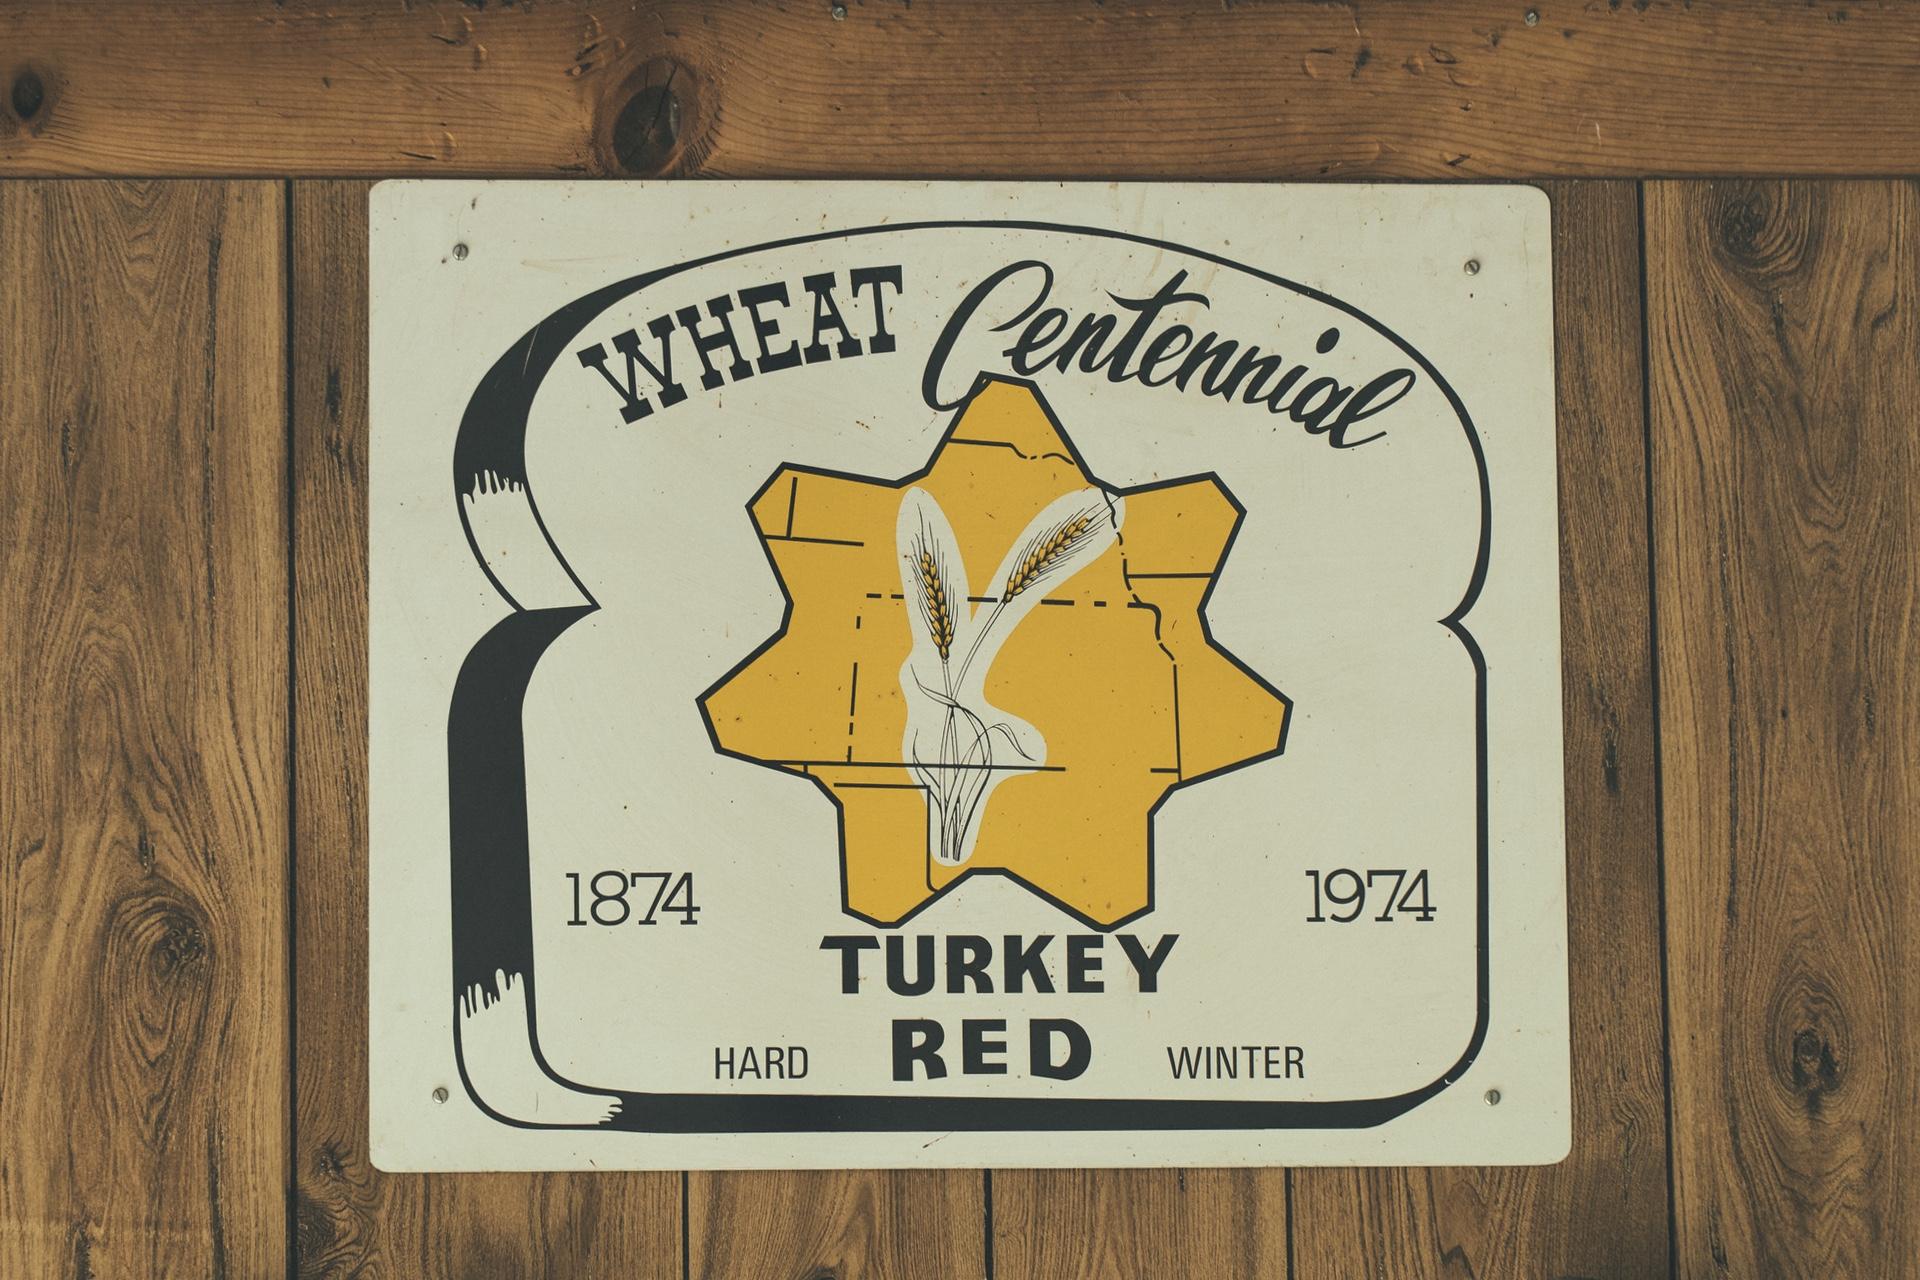 Wheat Centennial Plate